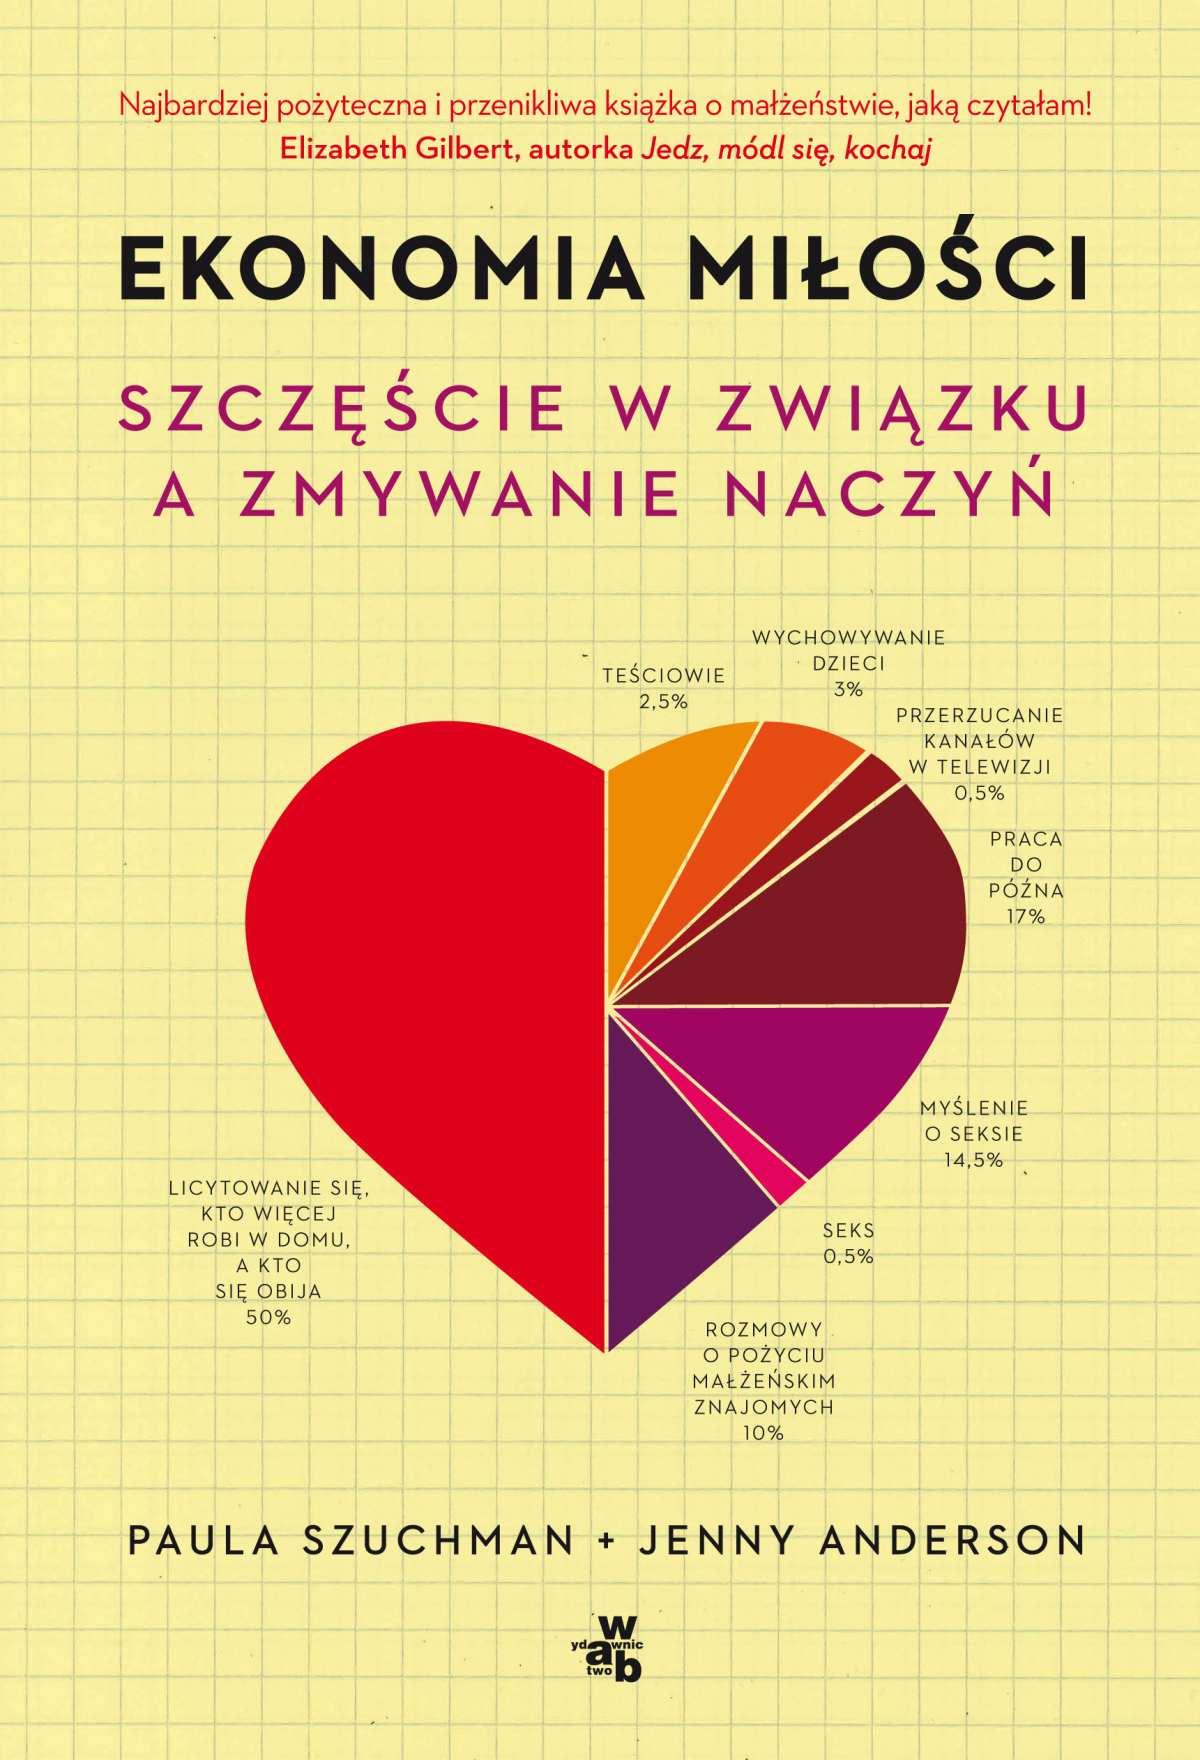 Ekonomia miłości. Szczęście w związku a zmywanie naczyń - Ebook (Książka EPUB) do pobrania w formacie EPUB